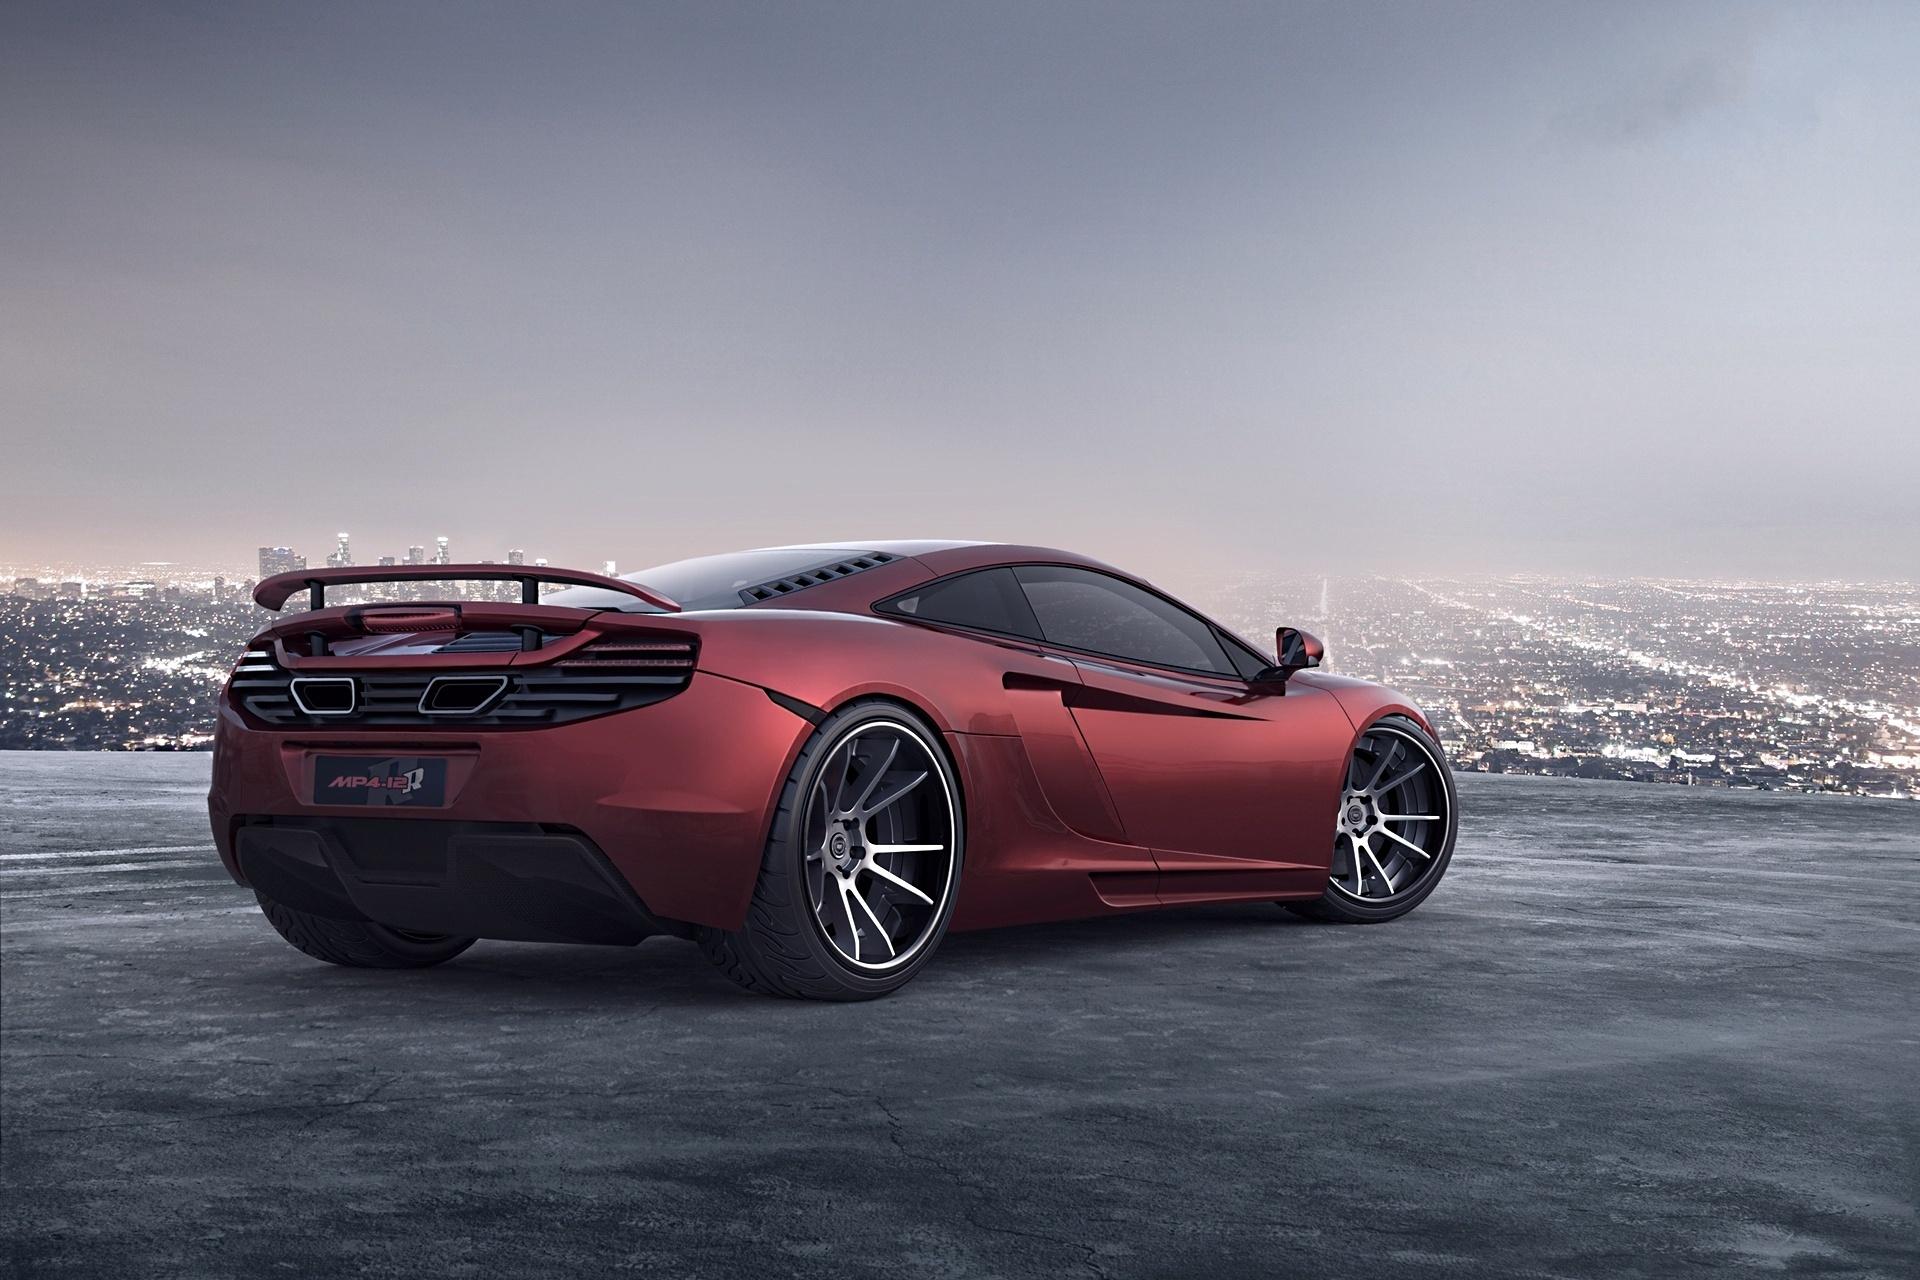 McLaren суперкар фон скачать